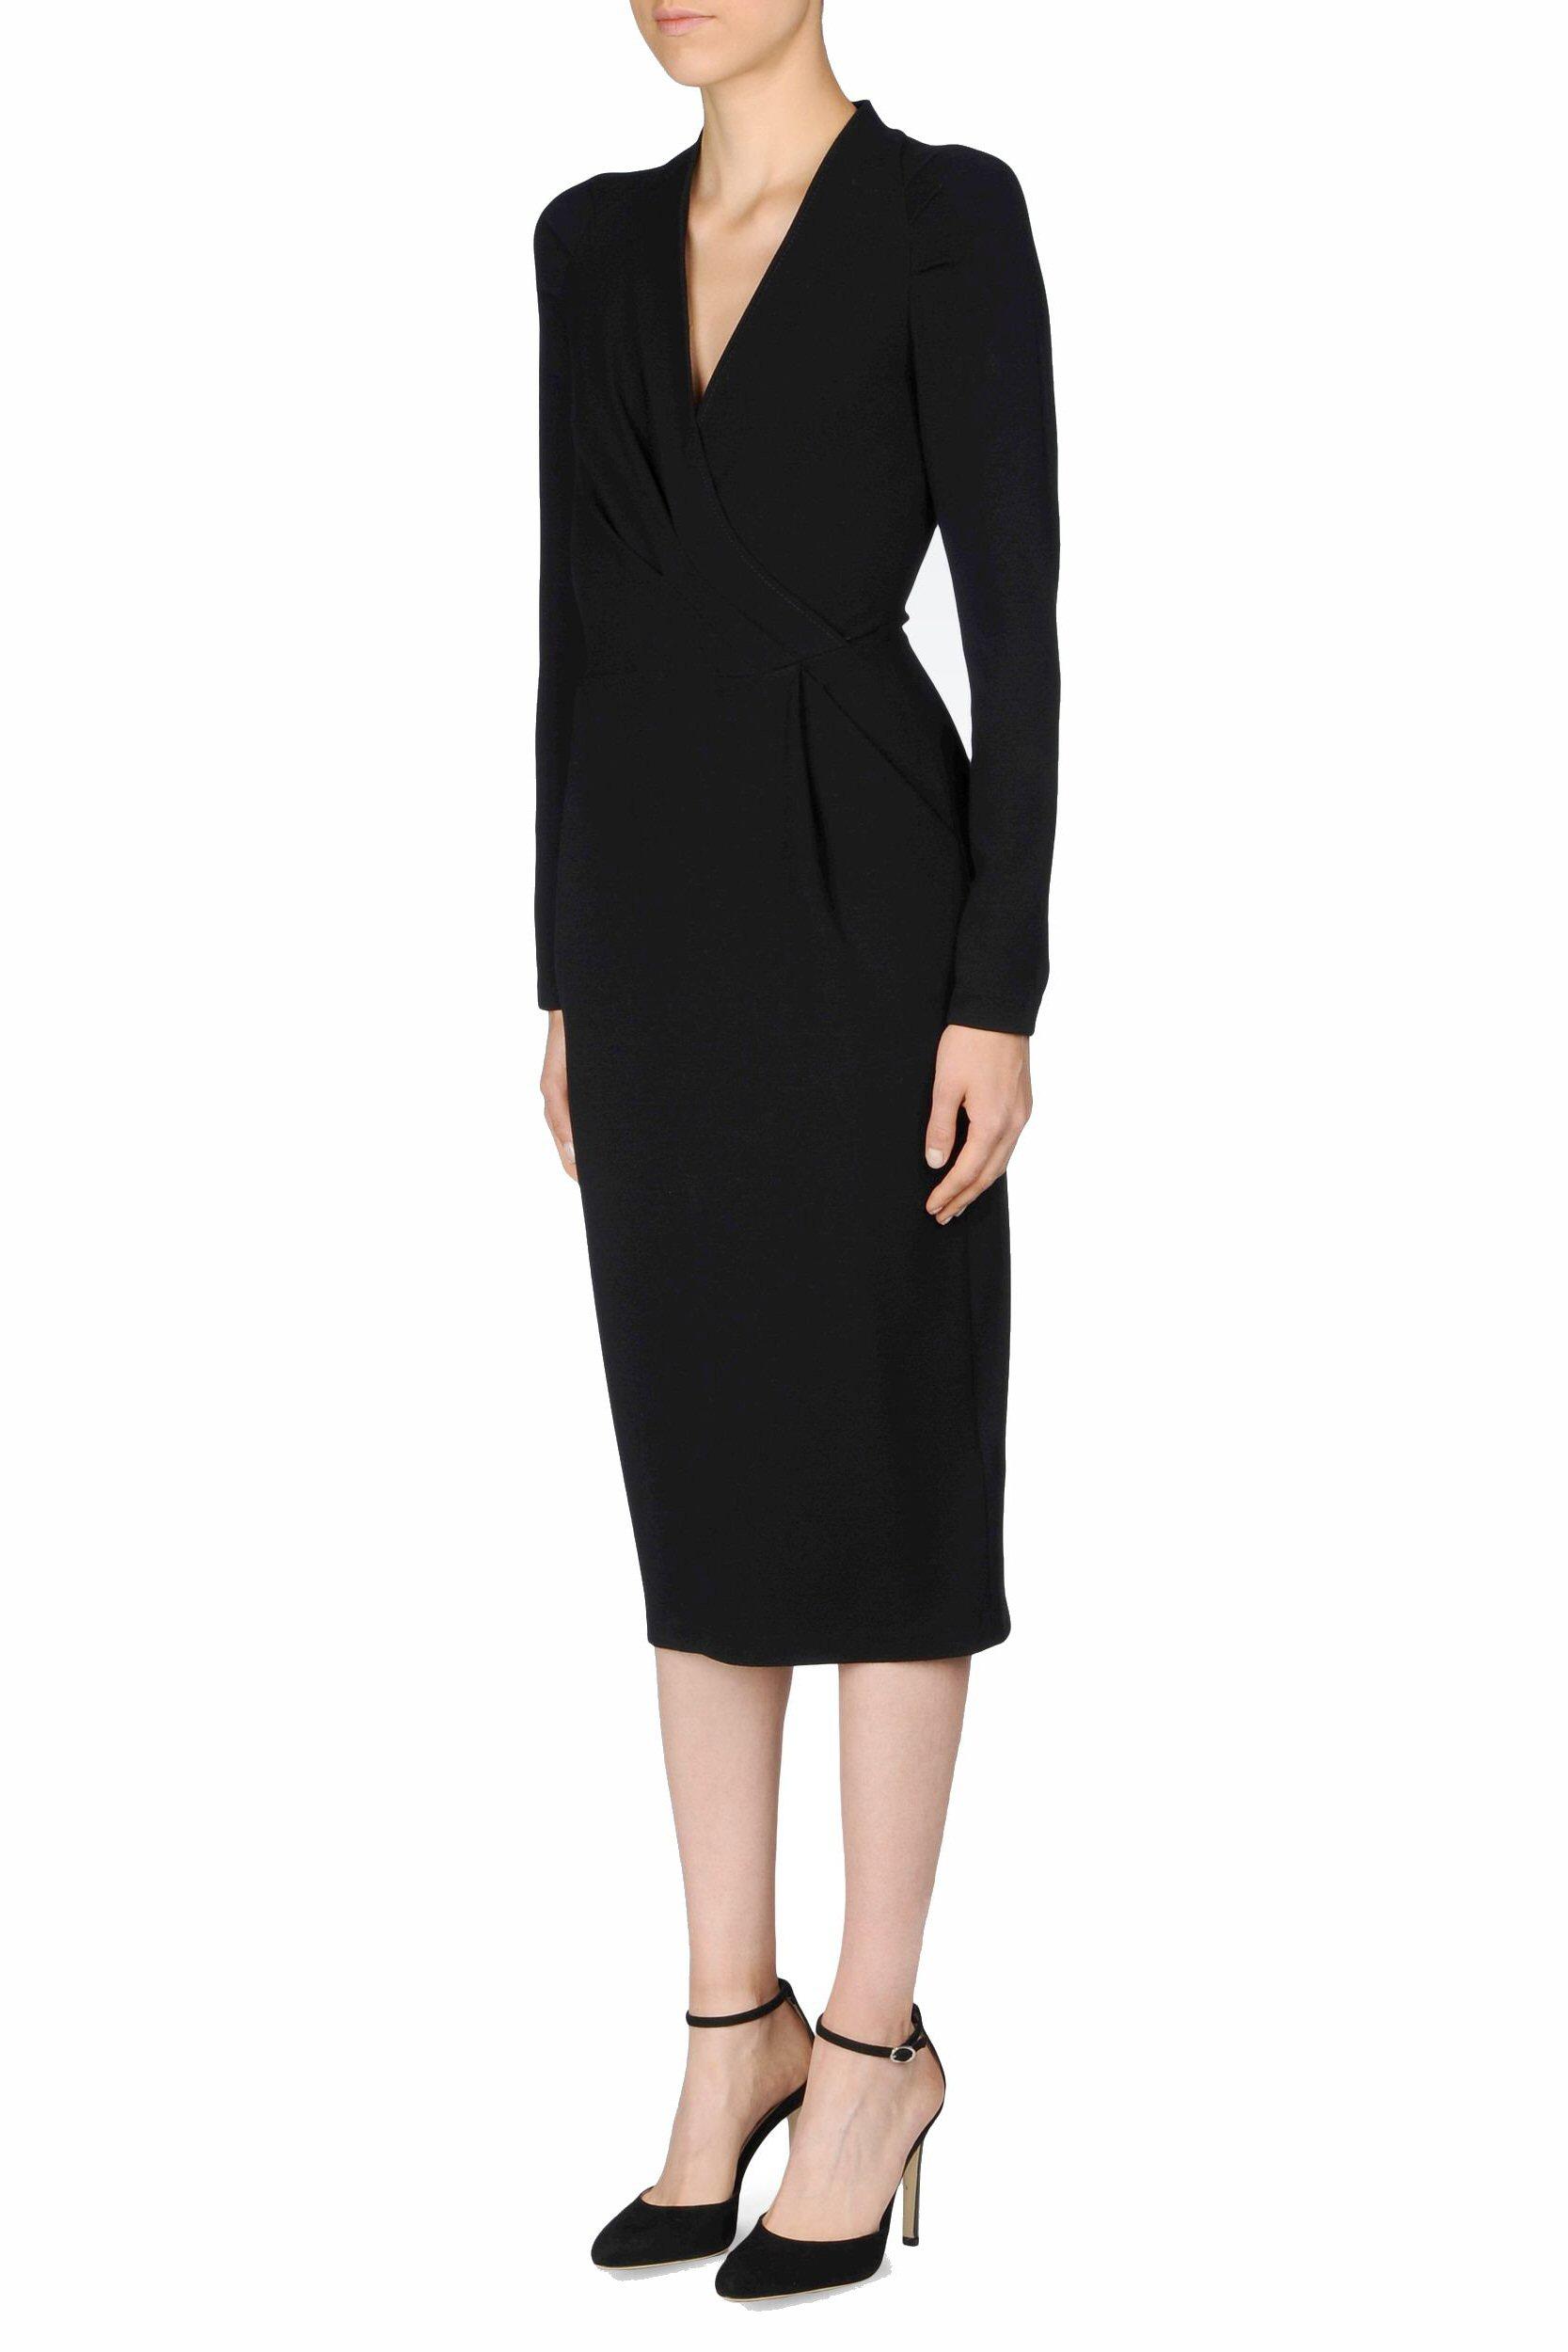 Armani Workwear 16-42